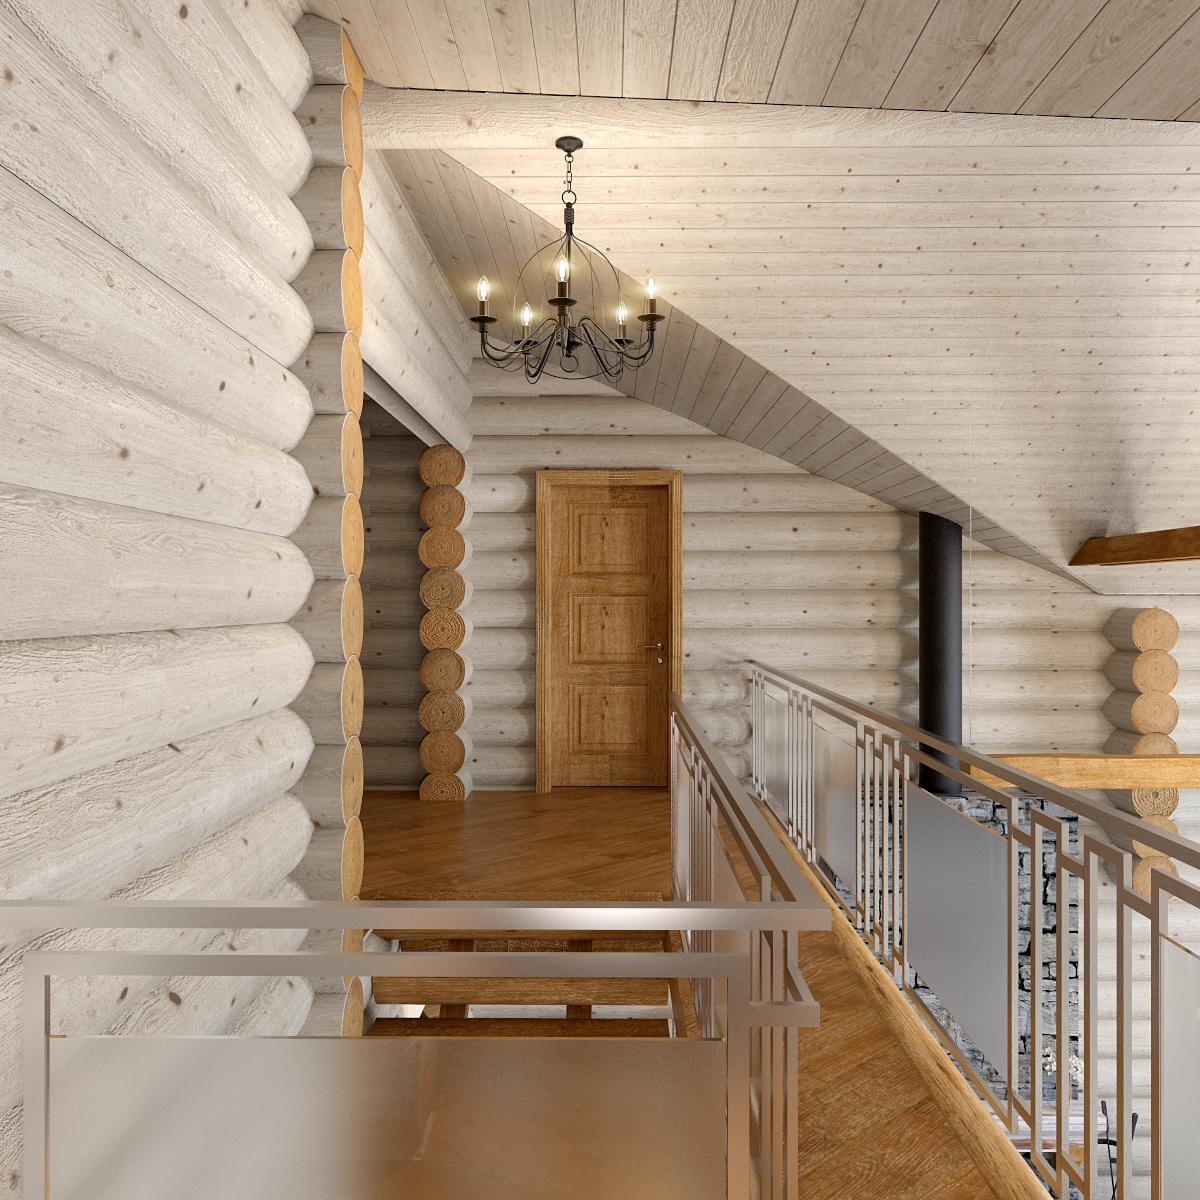 дизайн интерьера деревянного дома (1)